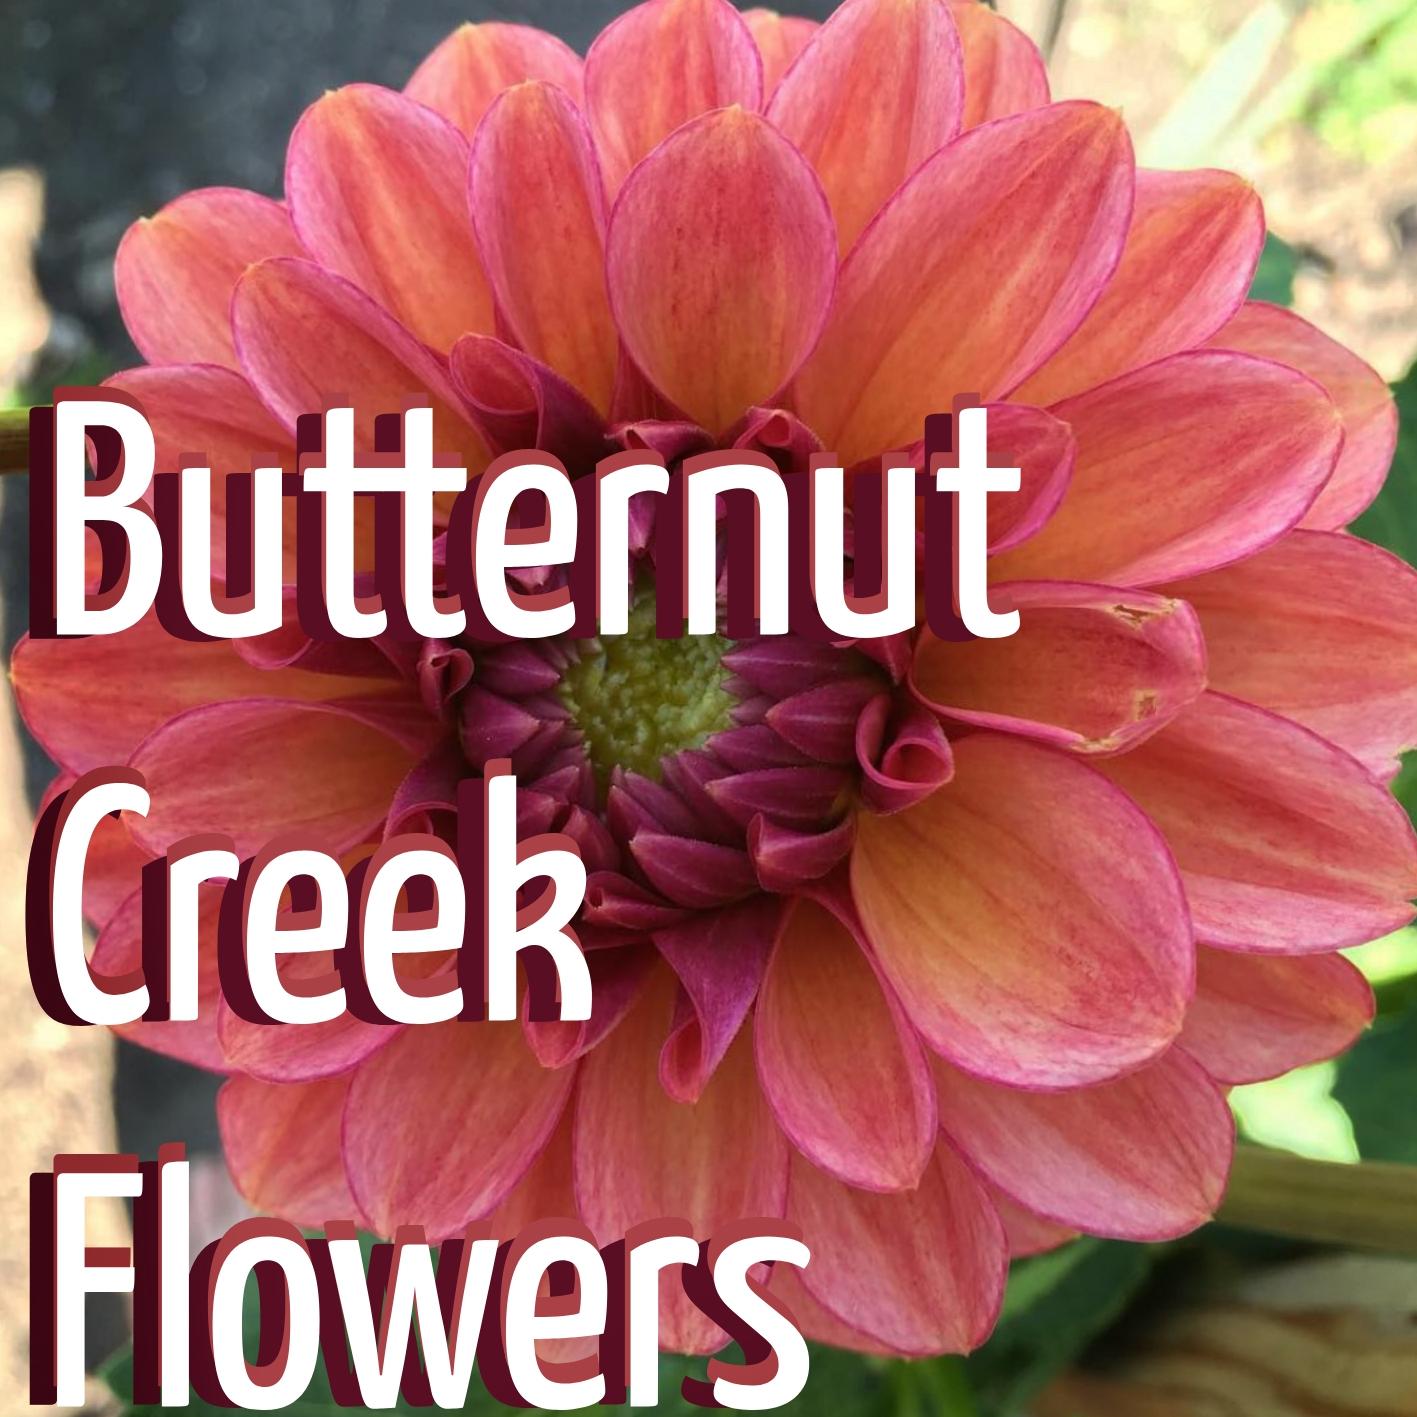 Butternut Creek